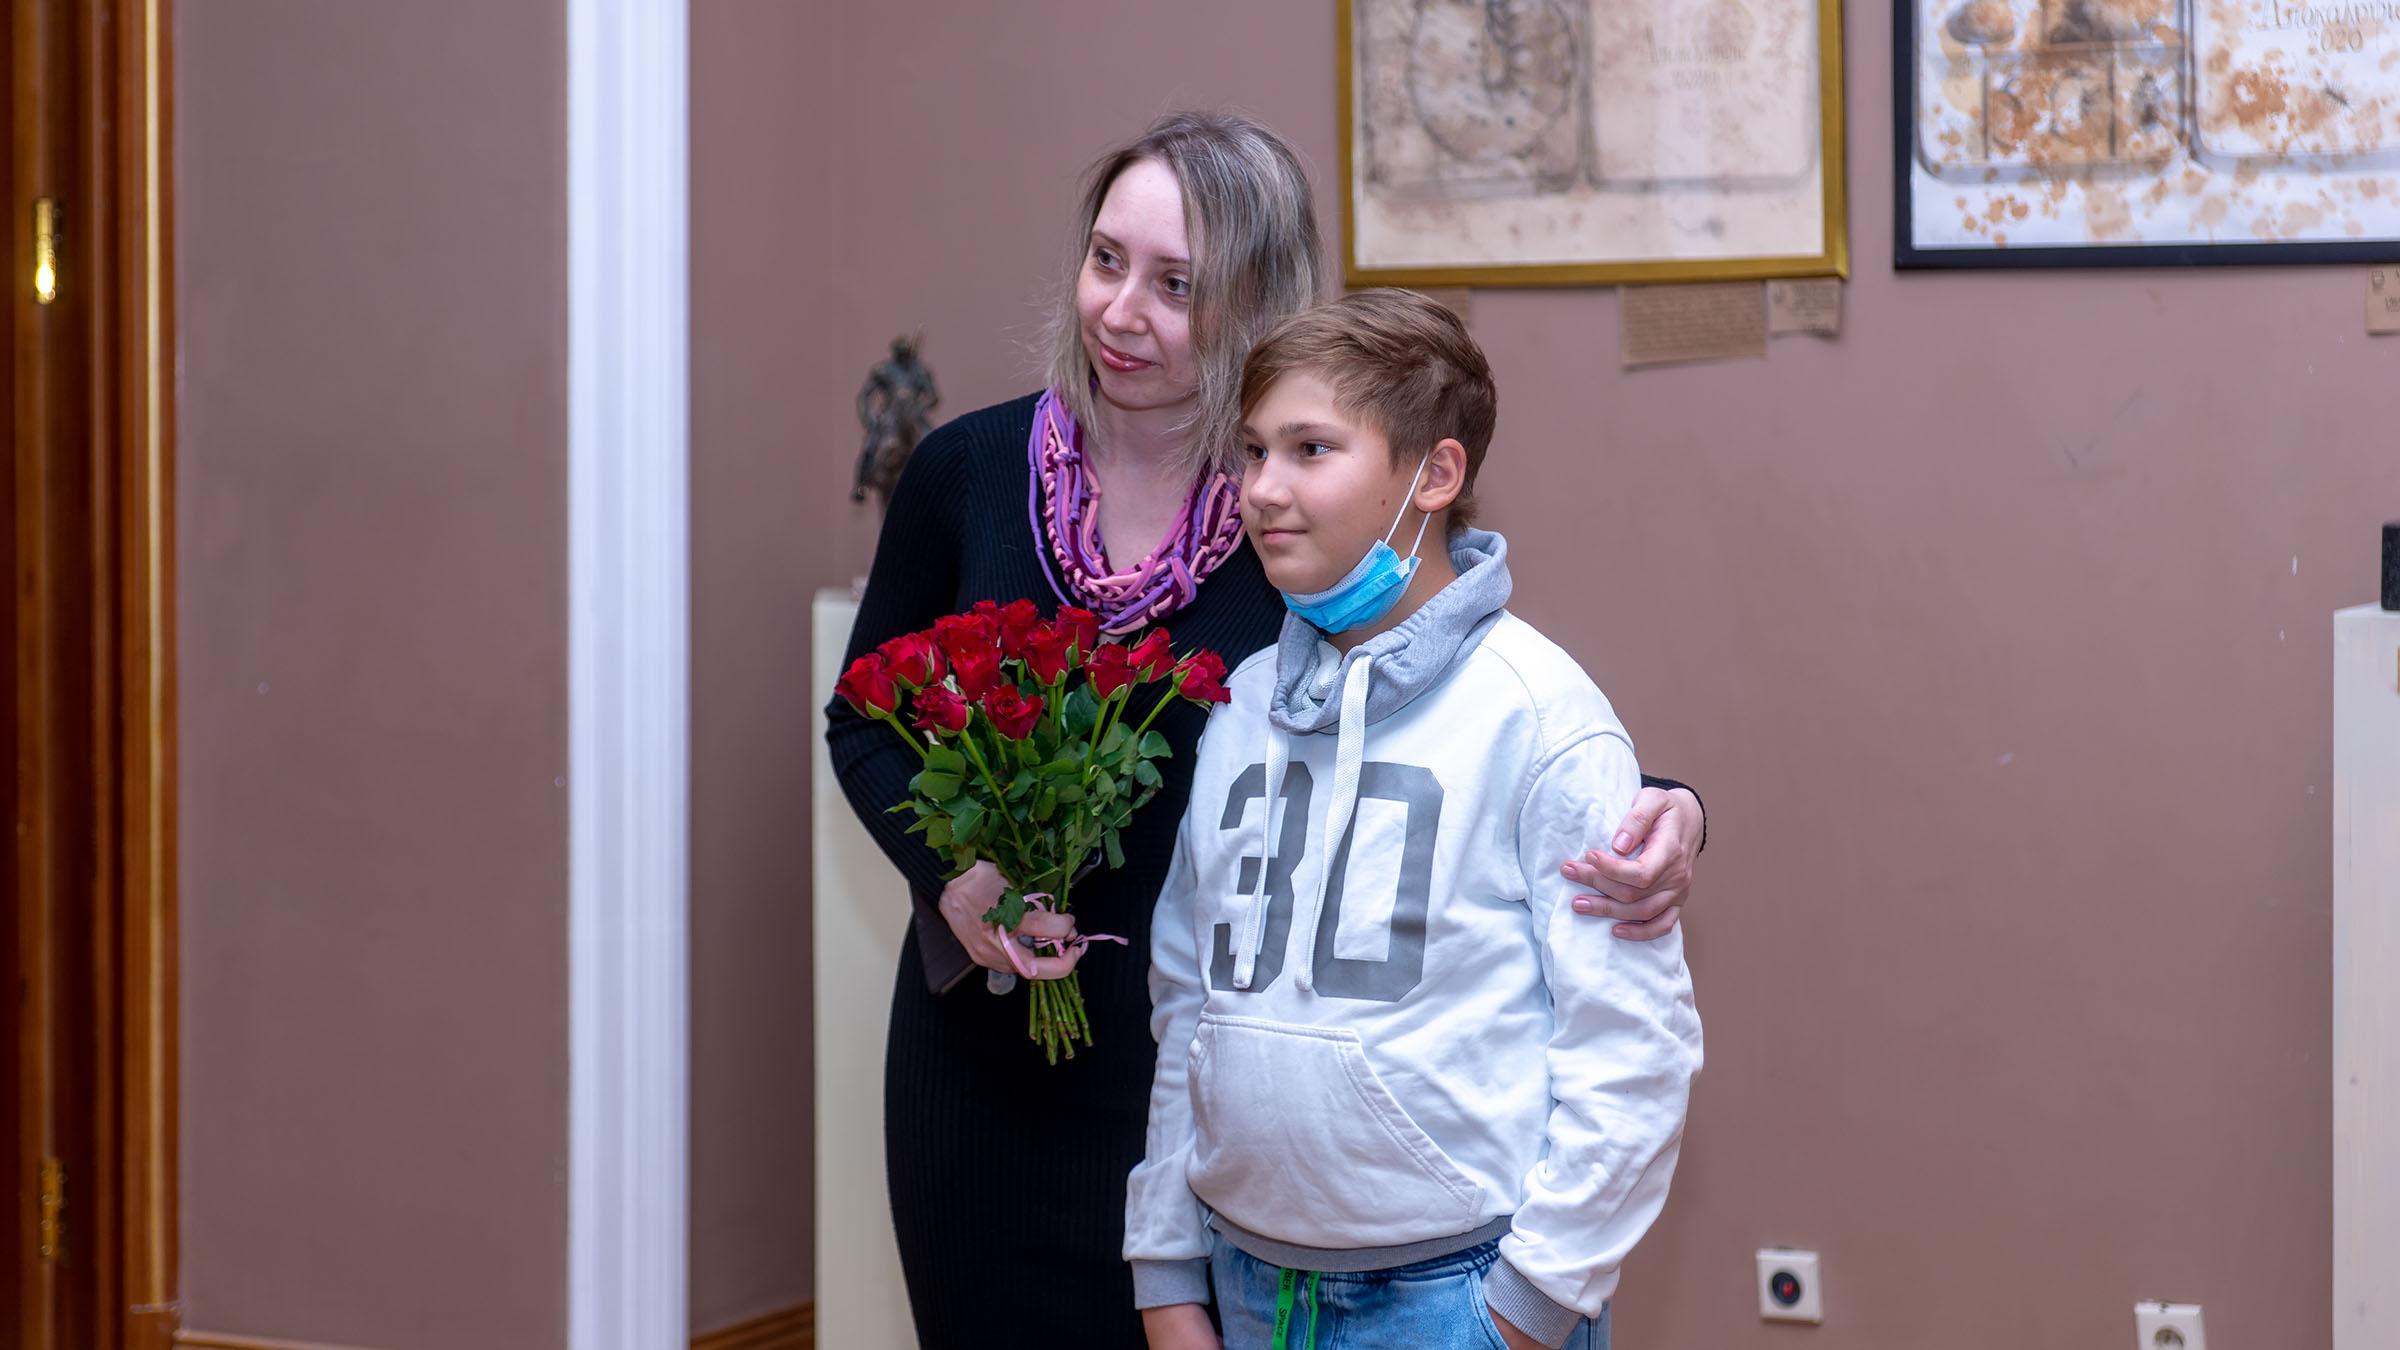 Анна Федорова::«Апокалипсис. Возрождение ». Адель Халиуллин (скульптура), Анна Федорова (живопись)